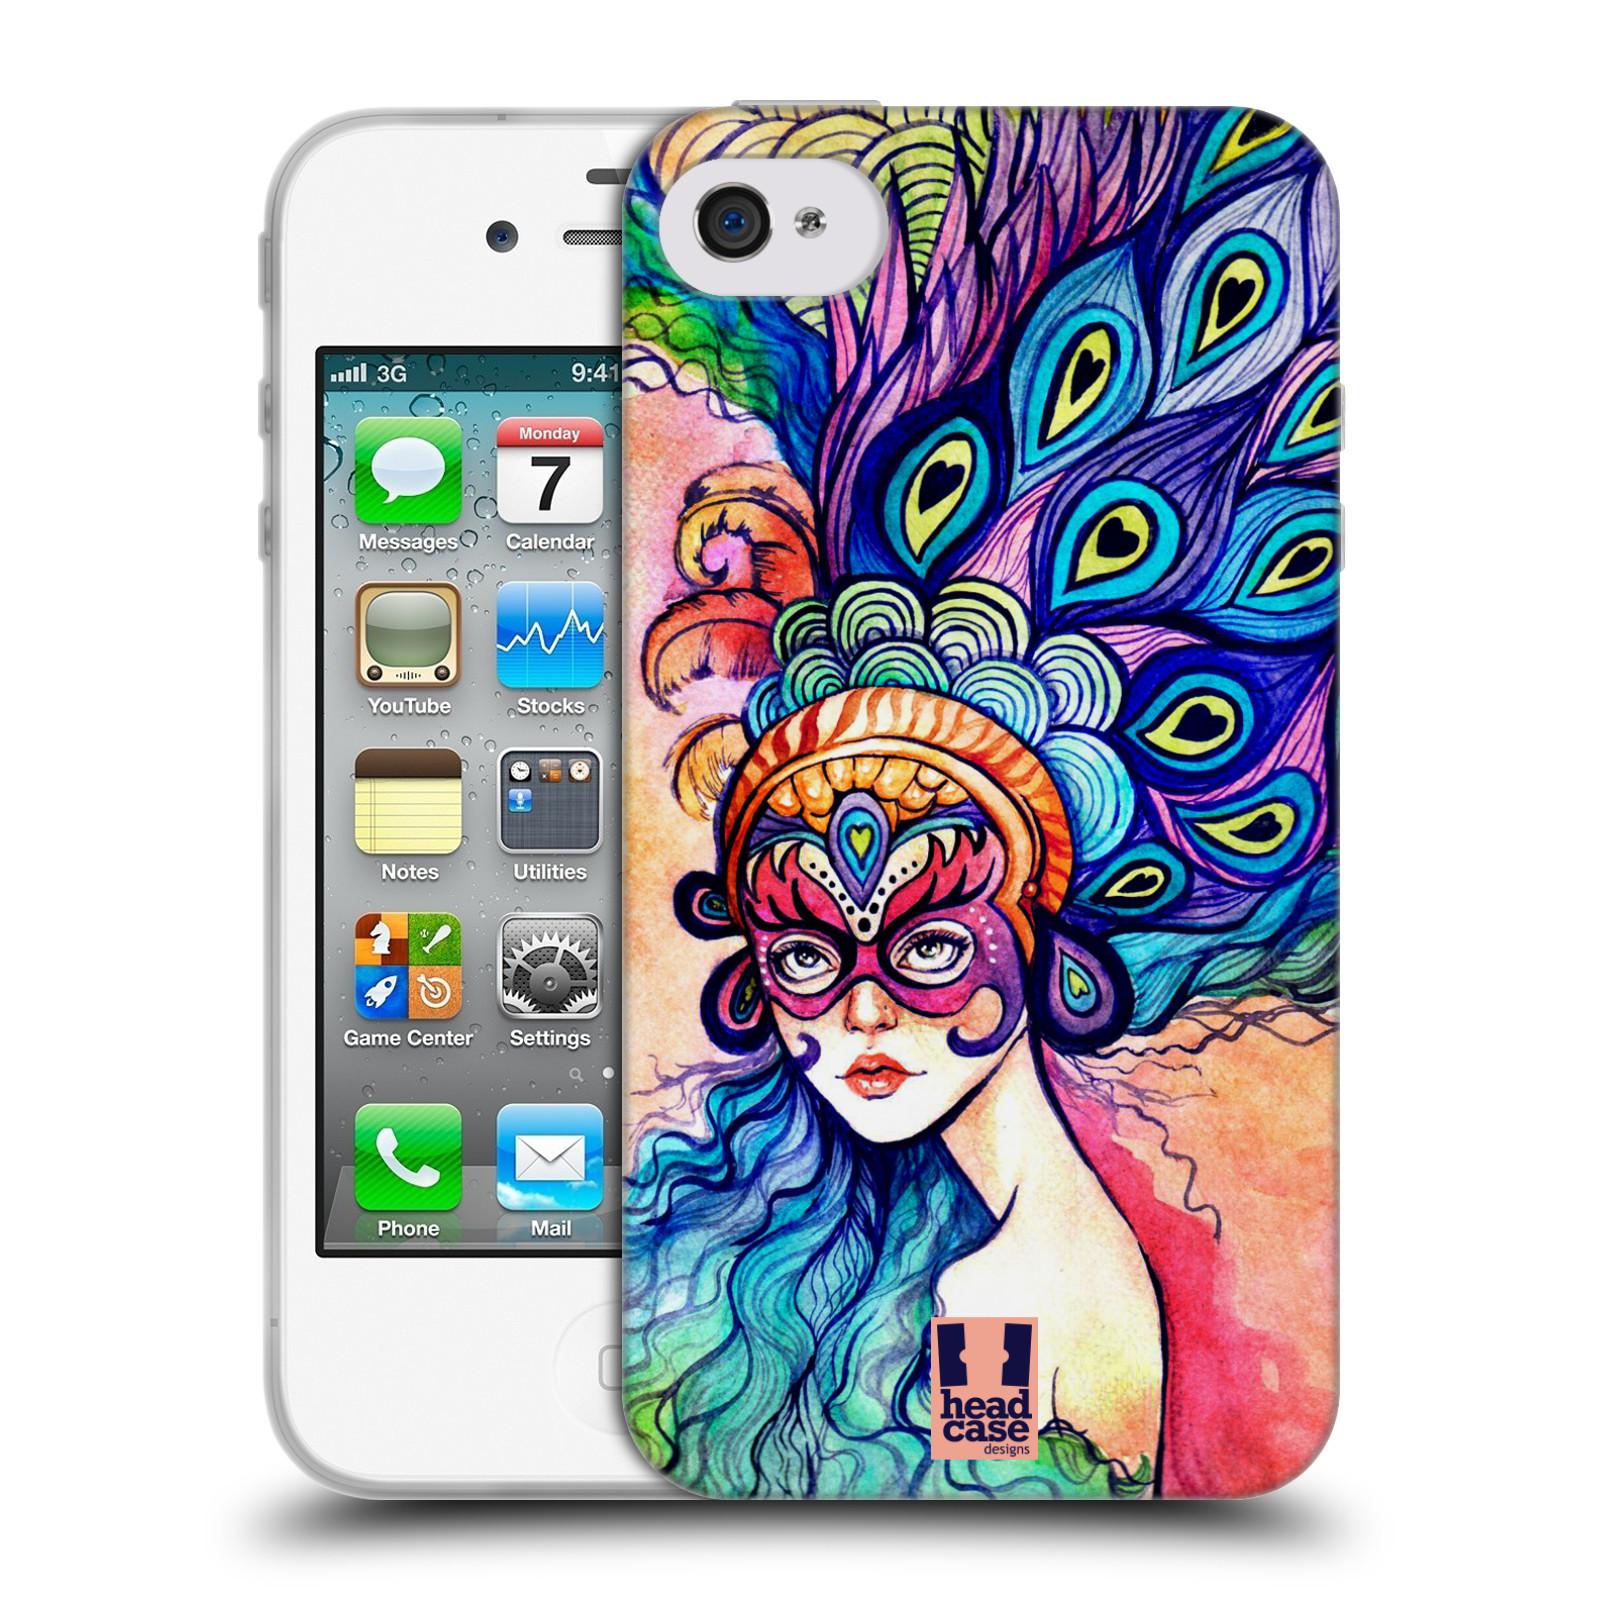 HEAD CASE silikonový obal na mobil Apple Iphone 4/4S vzor Maškarní ples masky kreslené vzory MODRÉ PÍRKA